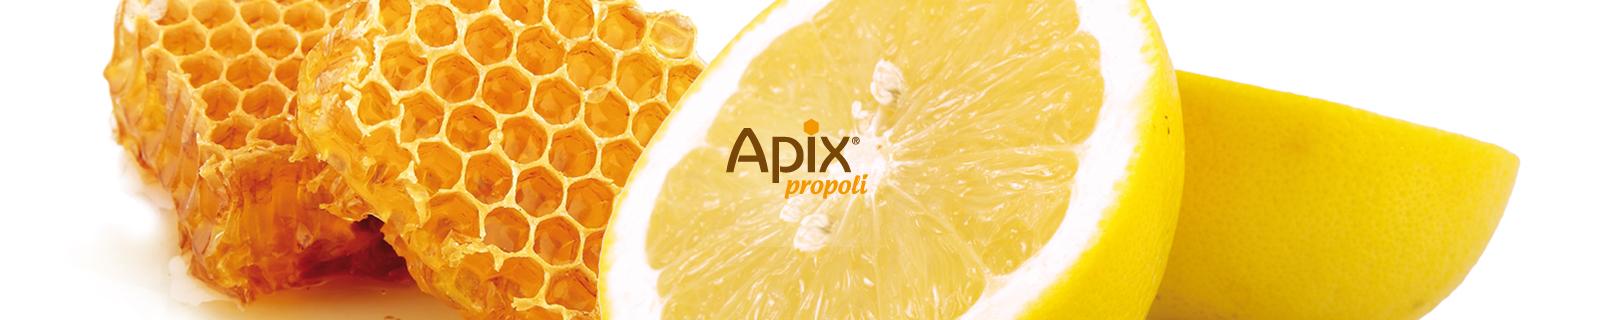 Apix Propoli